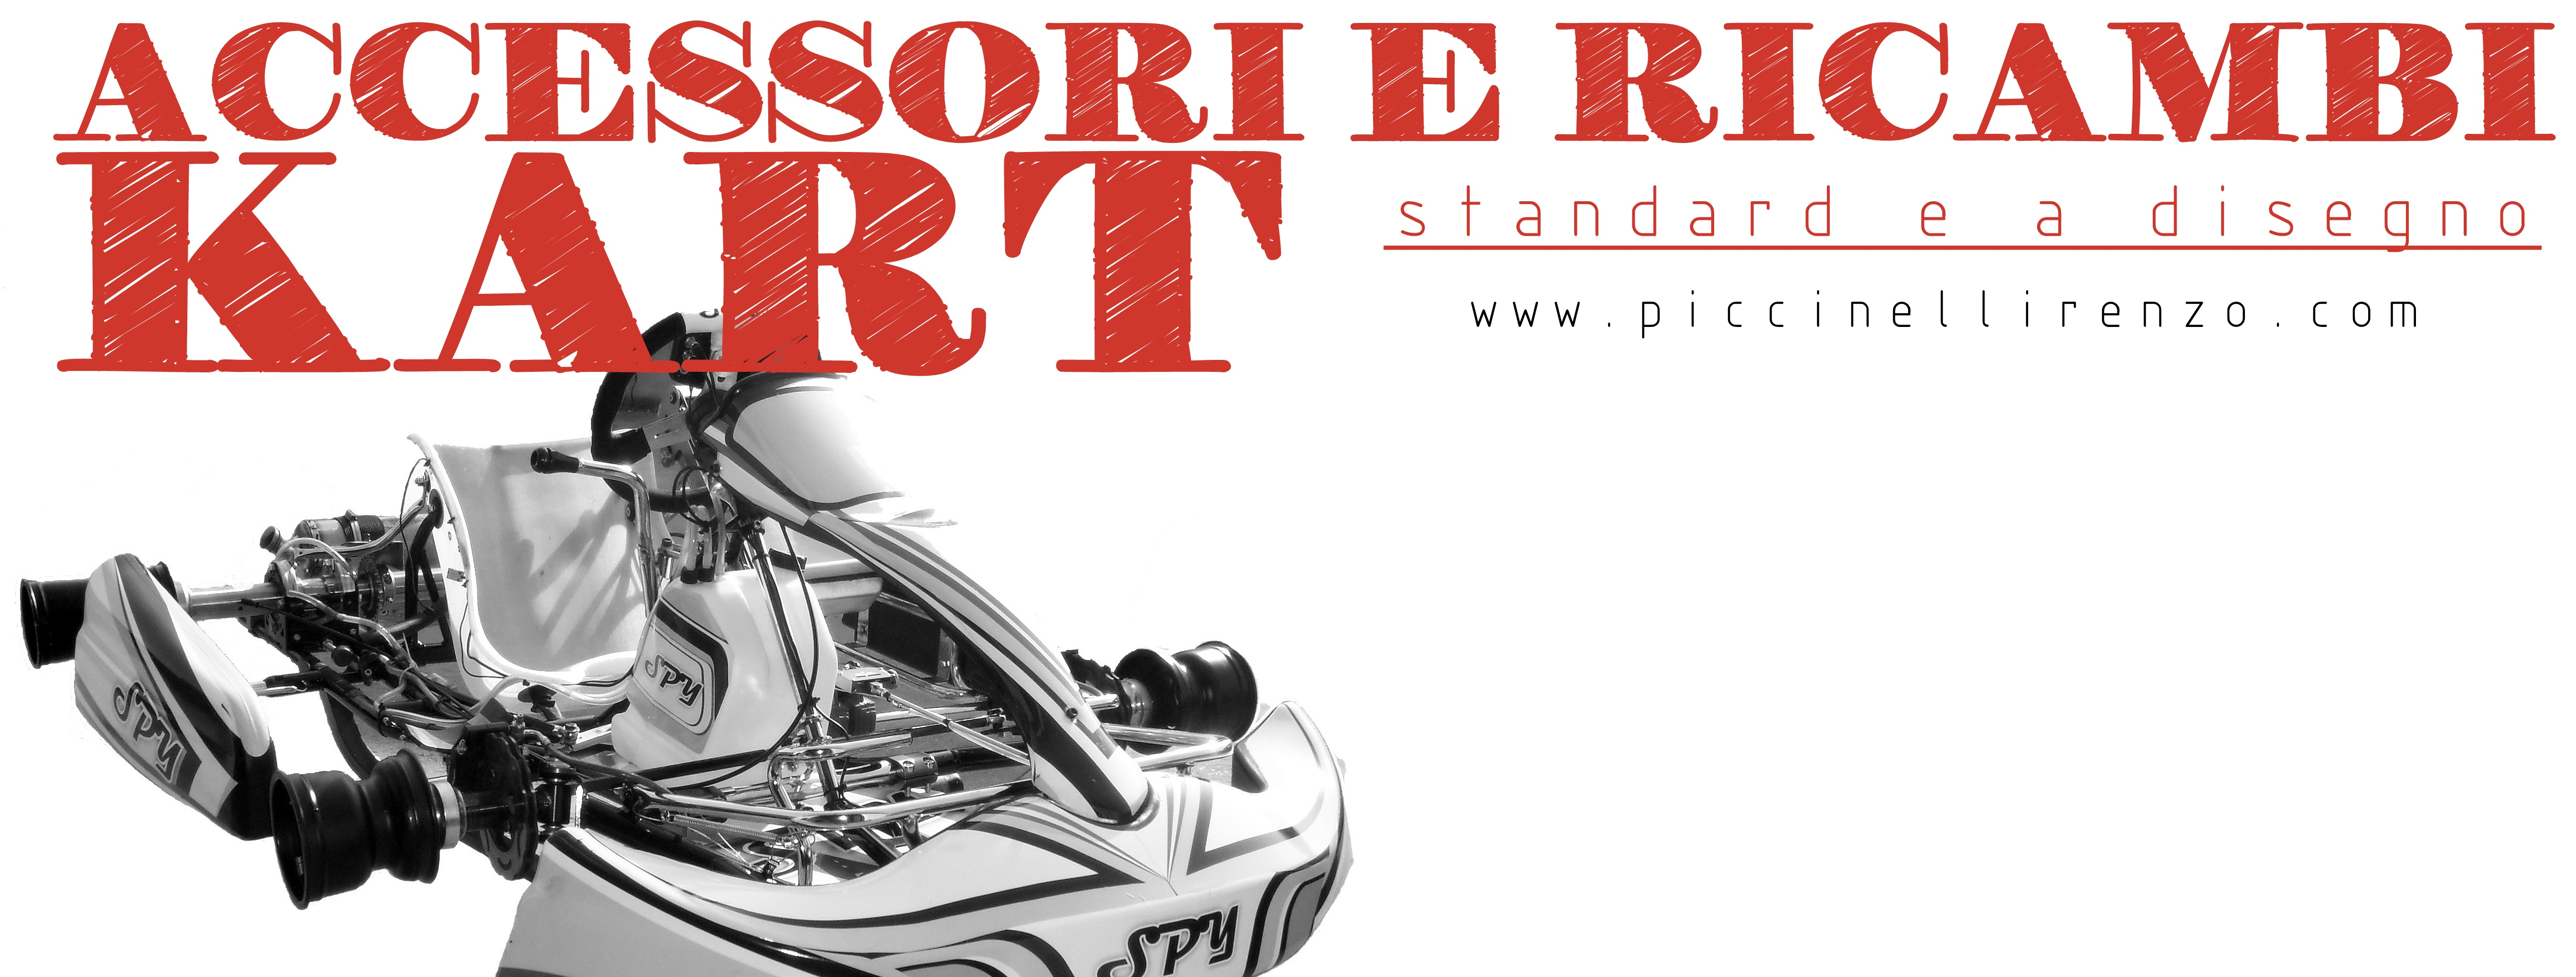 www.piccinellirenzo.com